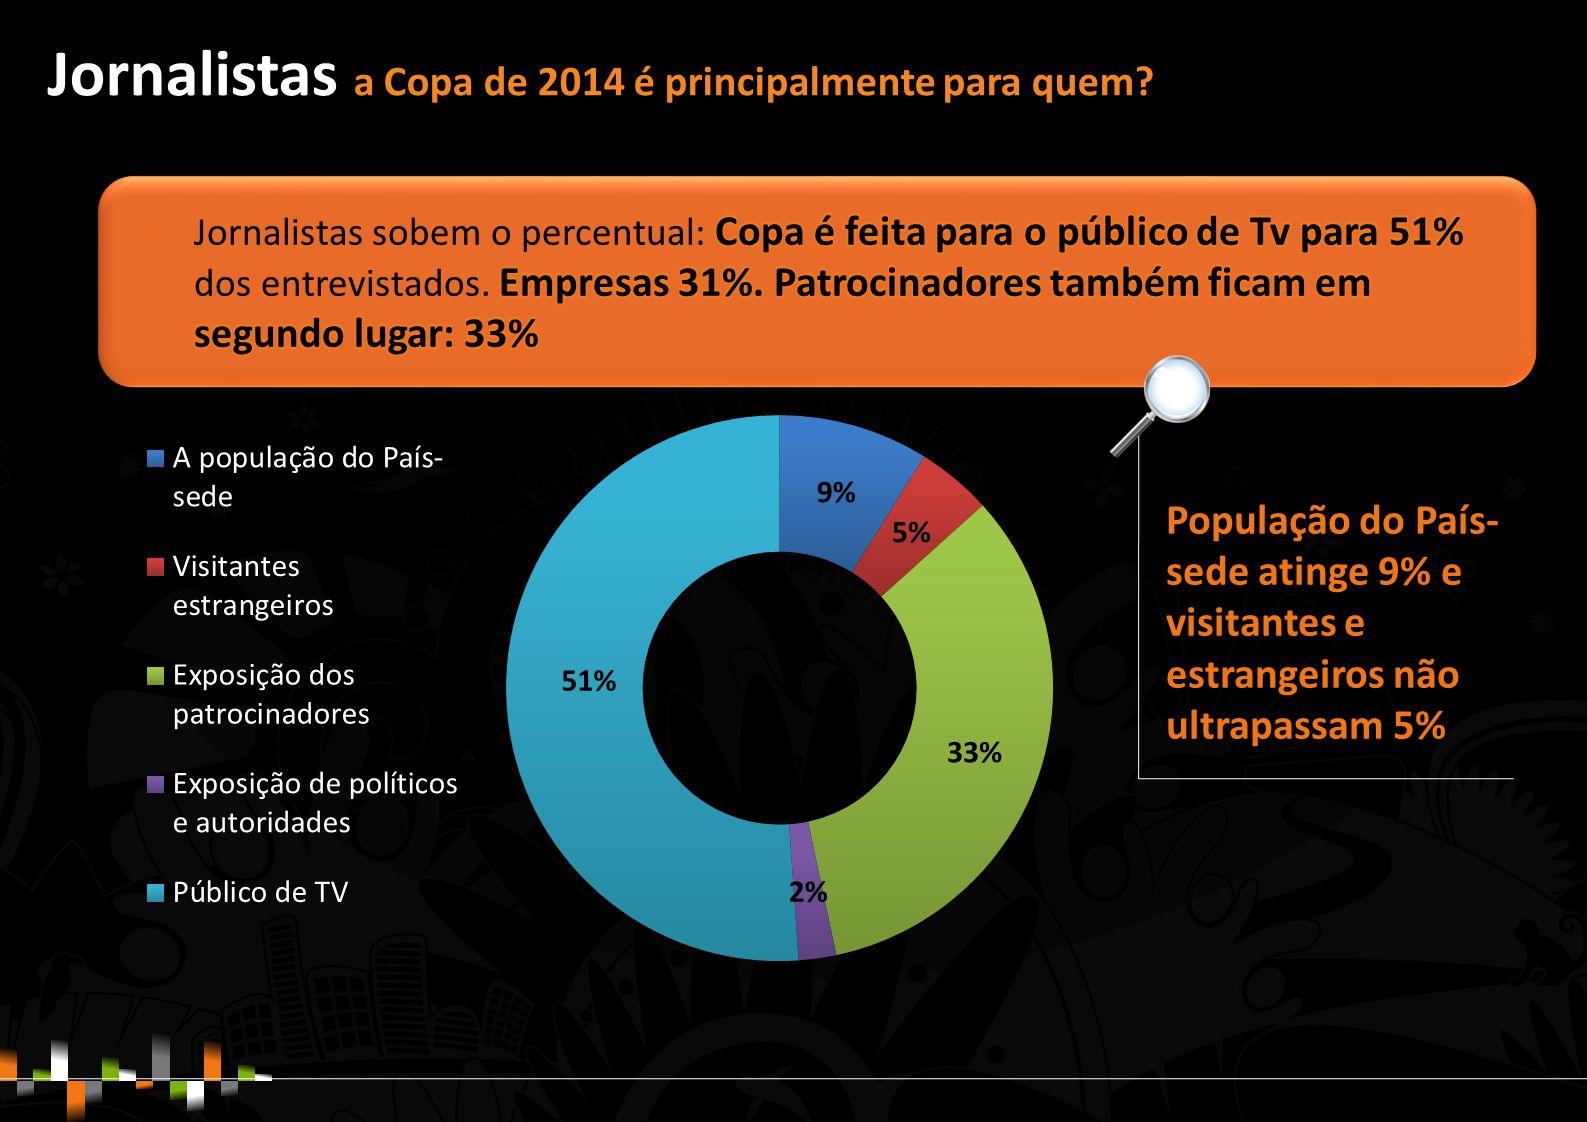 População do País- sede atinge 9% e visitantes e estrangeiros não ultrapassam 5% Jornalistas a Copa de 2014 é principalmente para quem?